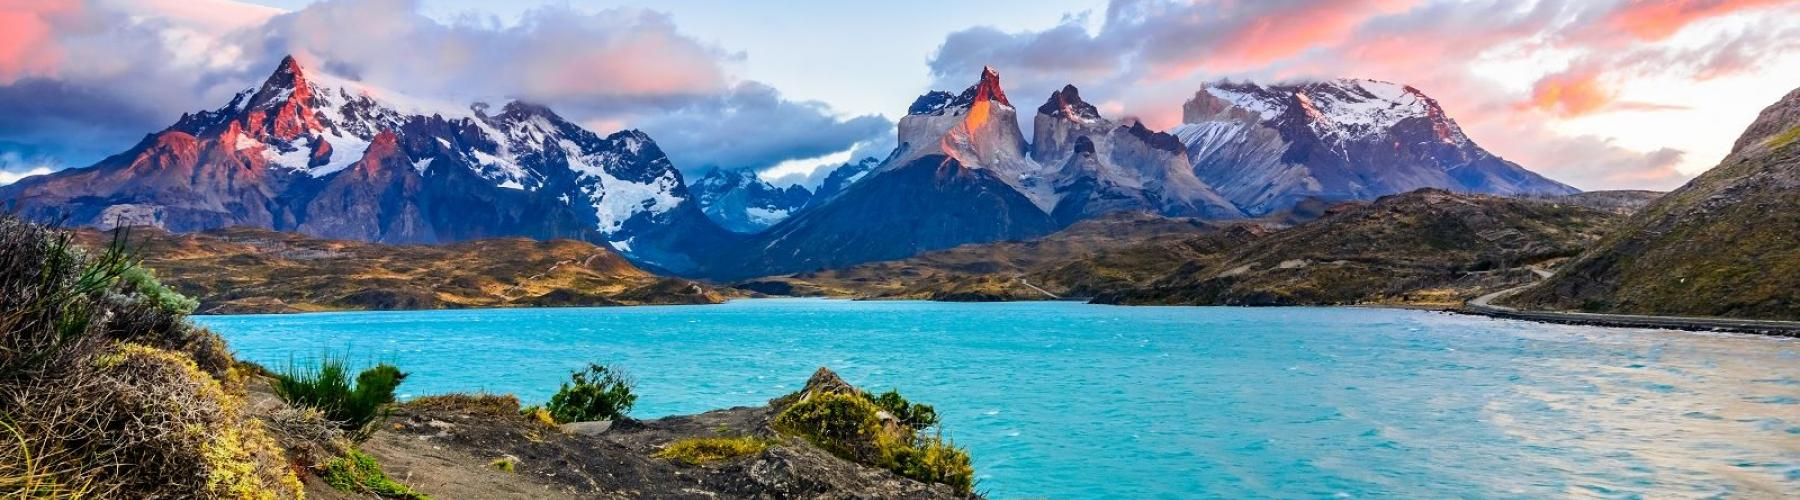 Самостоятельное путешествие в Южную Америку